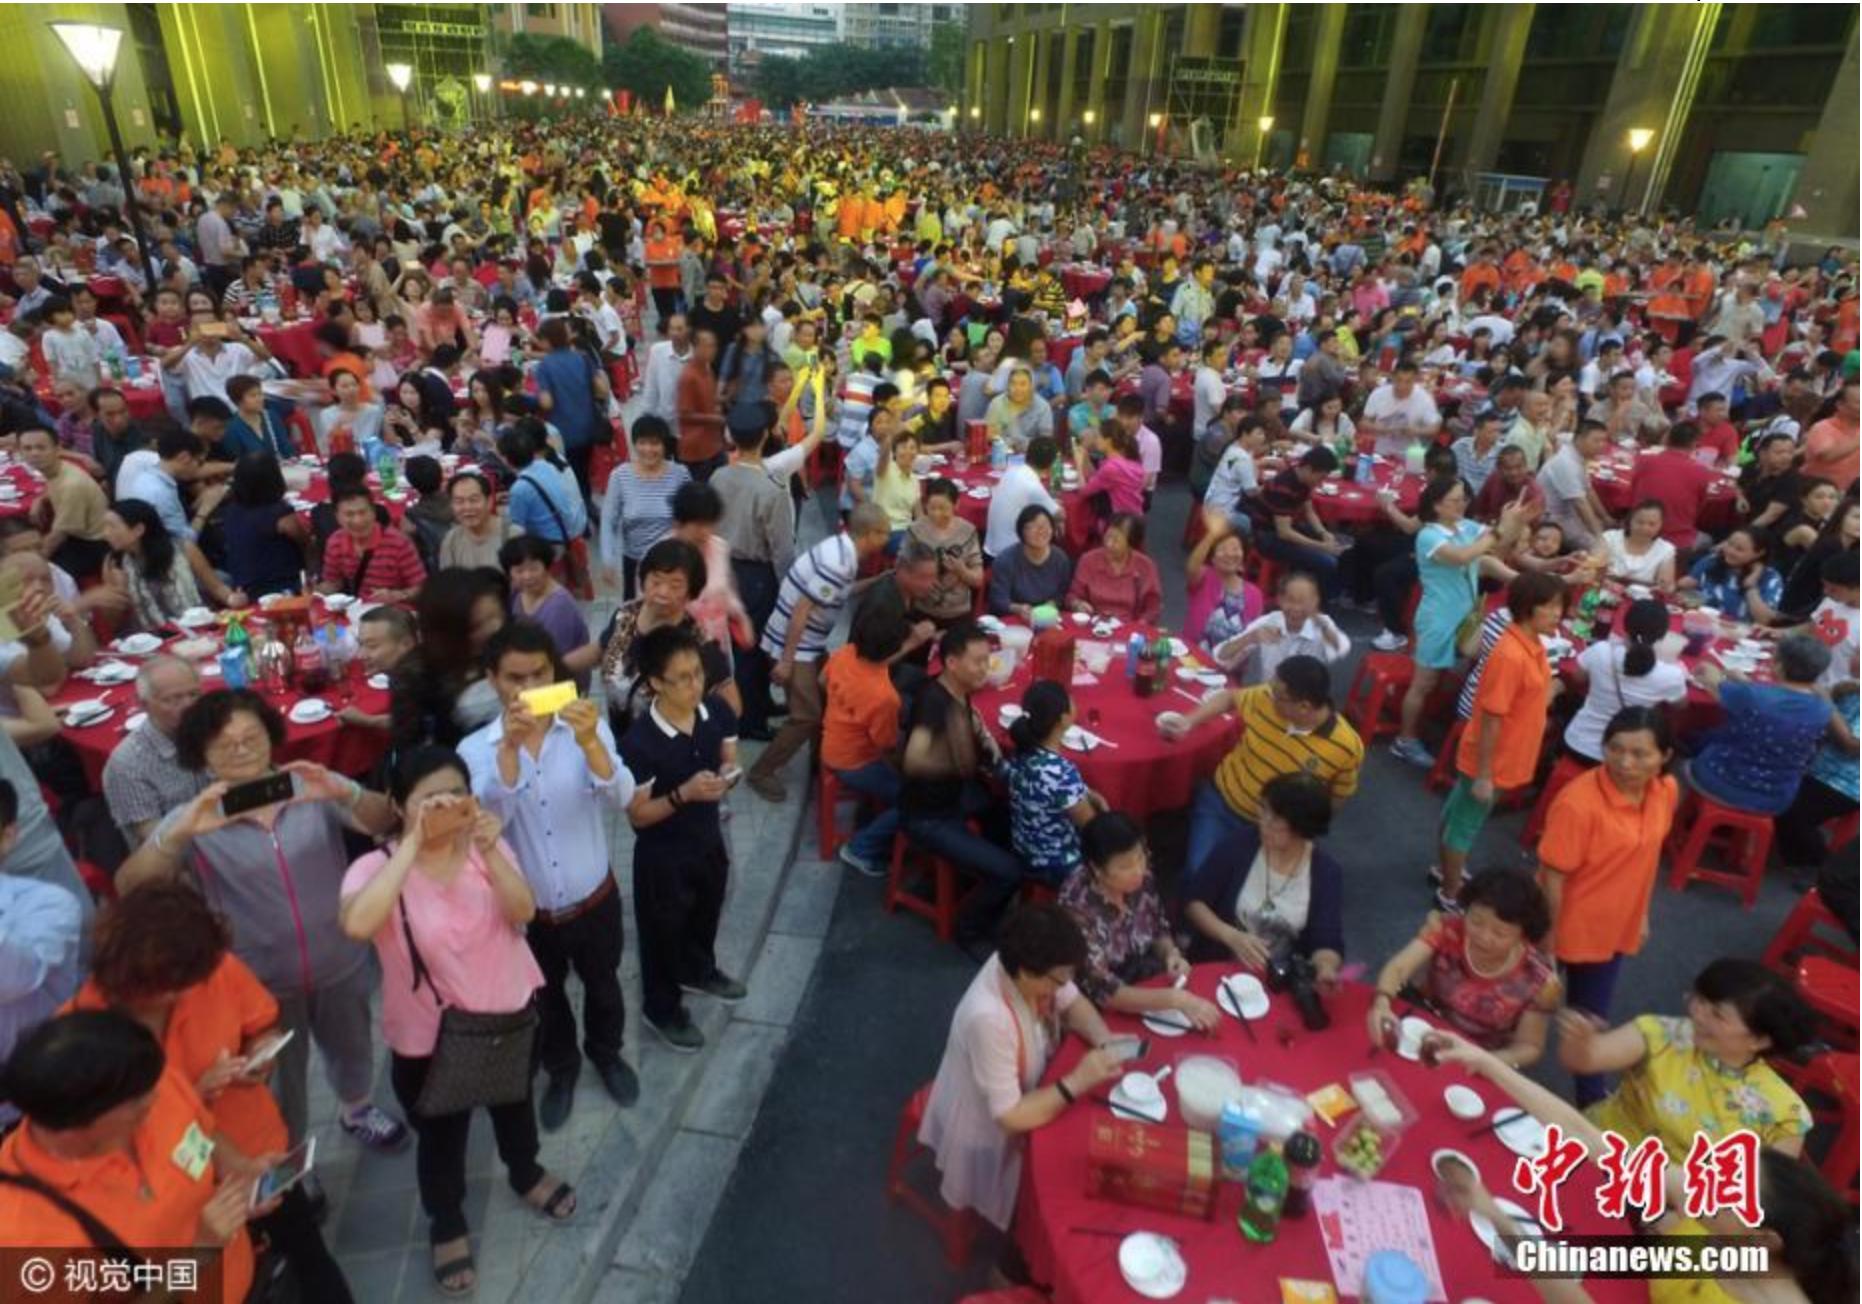 Đám cưới ở Trung Quốc: Bàn tiệc cưới nhuộm đỏ con phố dài cả cây số - Ảnh 5.